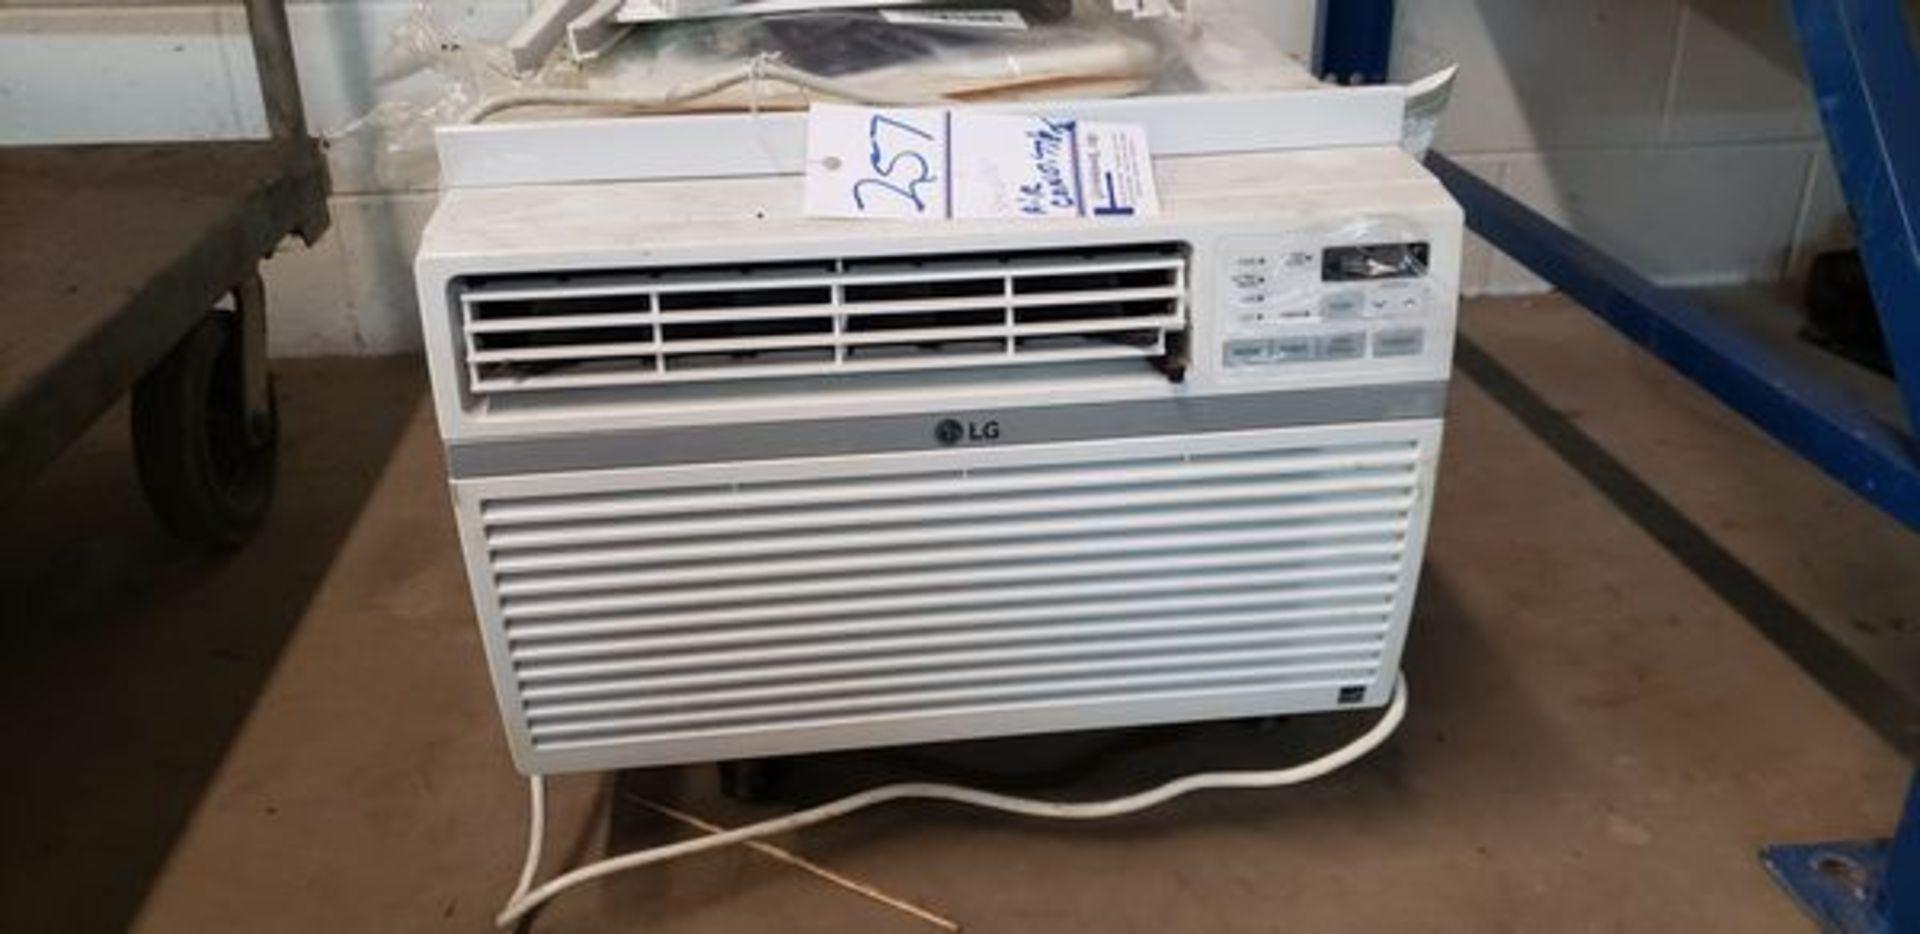 AIR CONDITIONER WINDOW UNIT - 8000 BTU